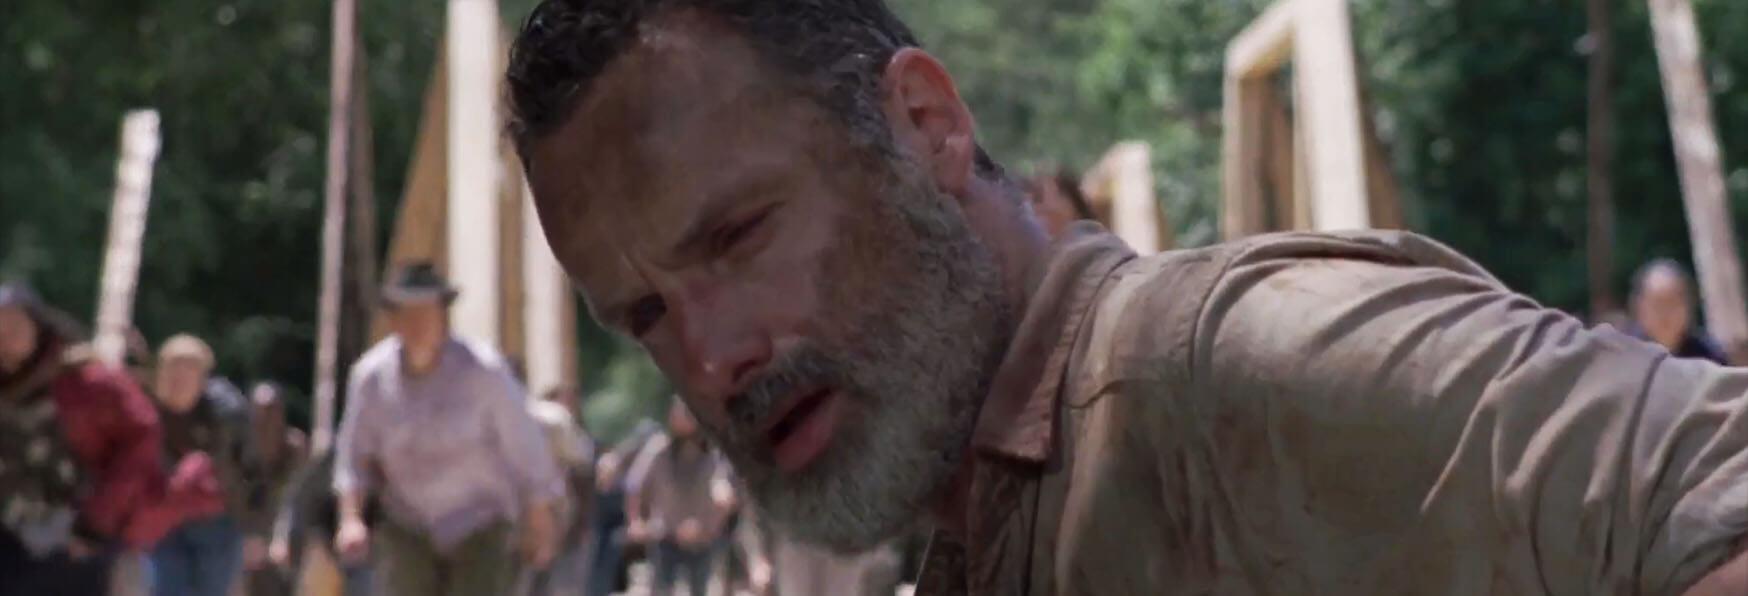 The Walking Dead 9: i Dettagli del nuovo Trailer che potrebbero esservi sfuggiti